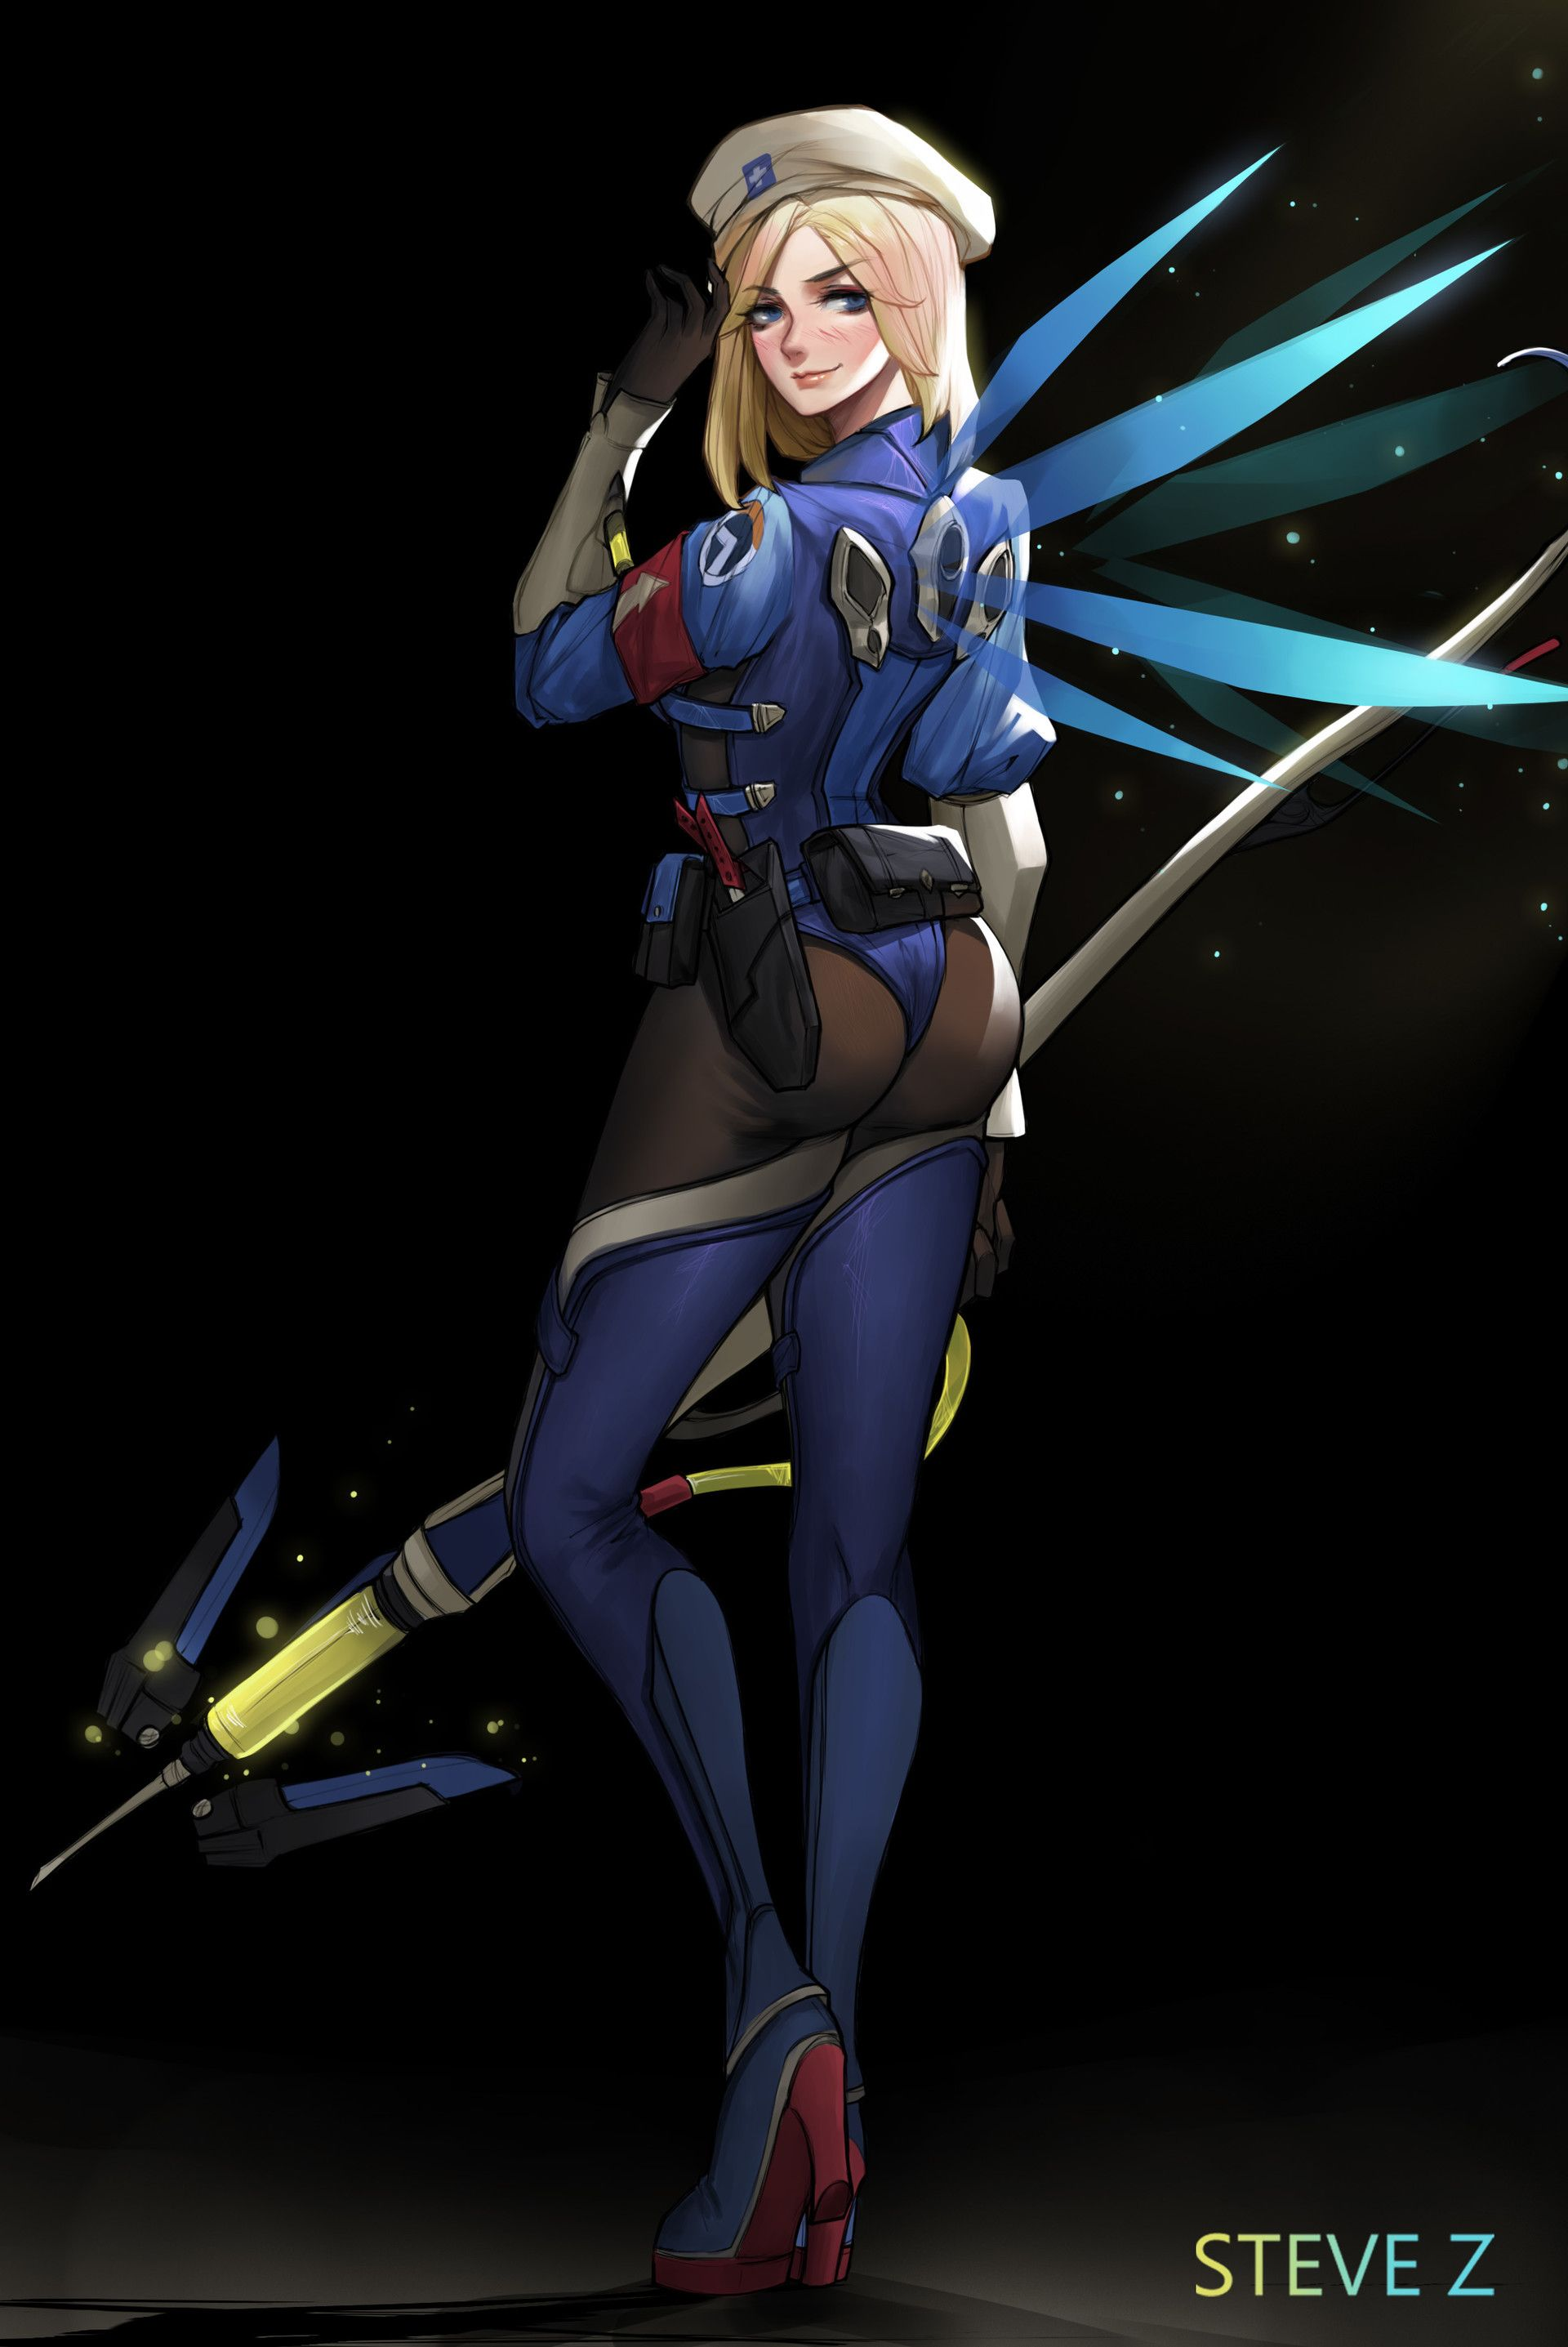 Overwatch - Medic Ziegler